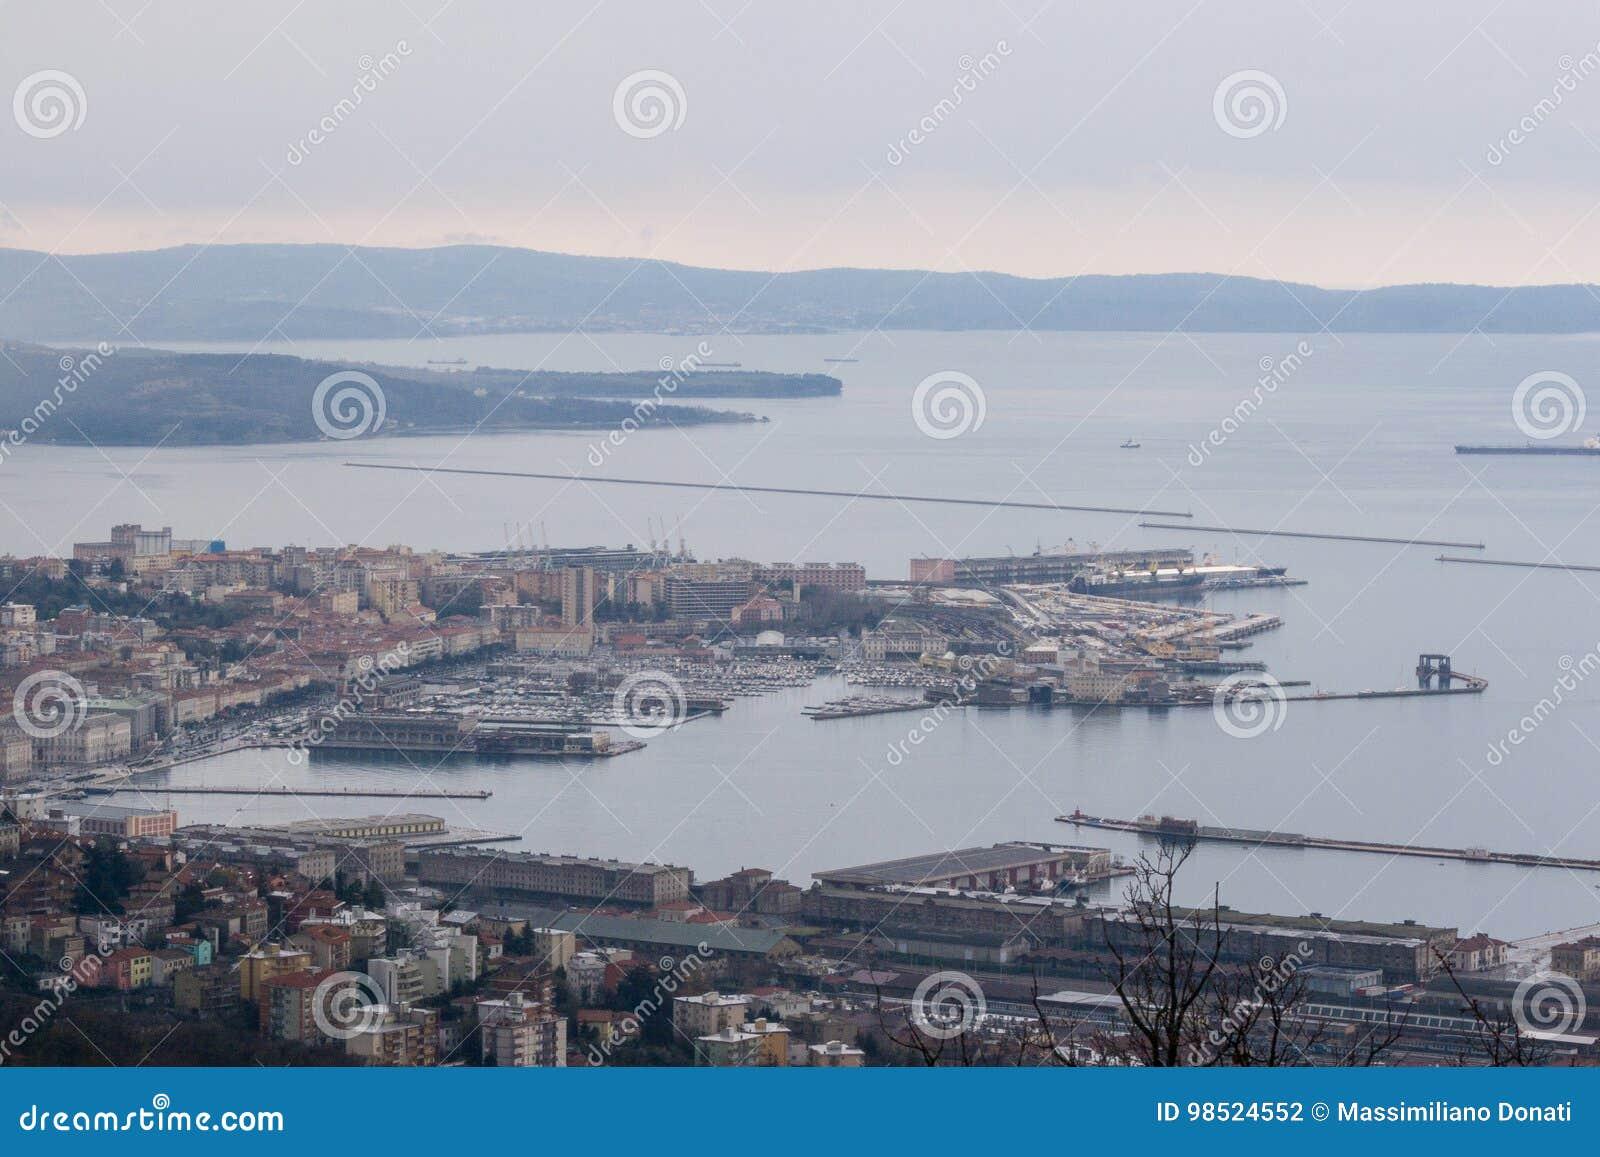 Εναέρια άποψη στο κέντρο πόλεων και το λιμένα της Τεργέστης στην Ιταλία